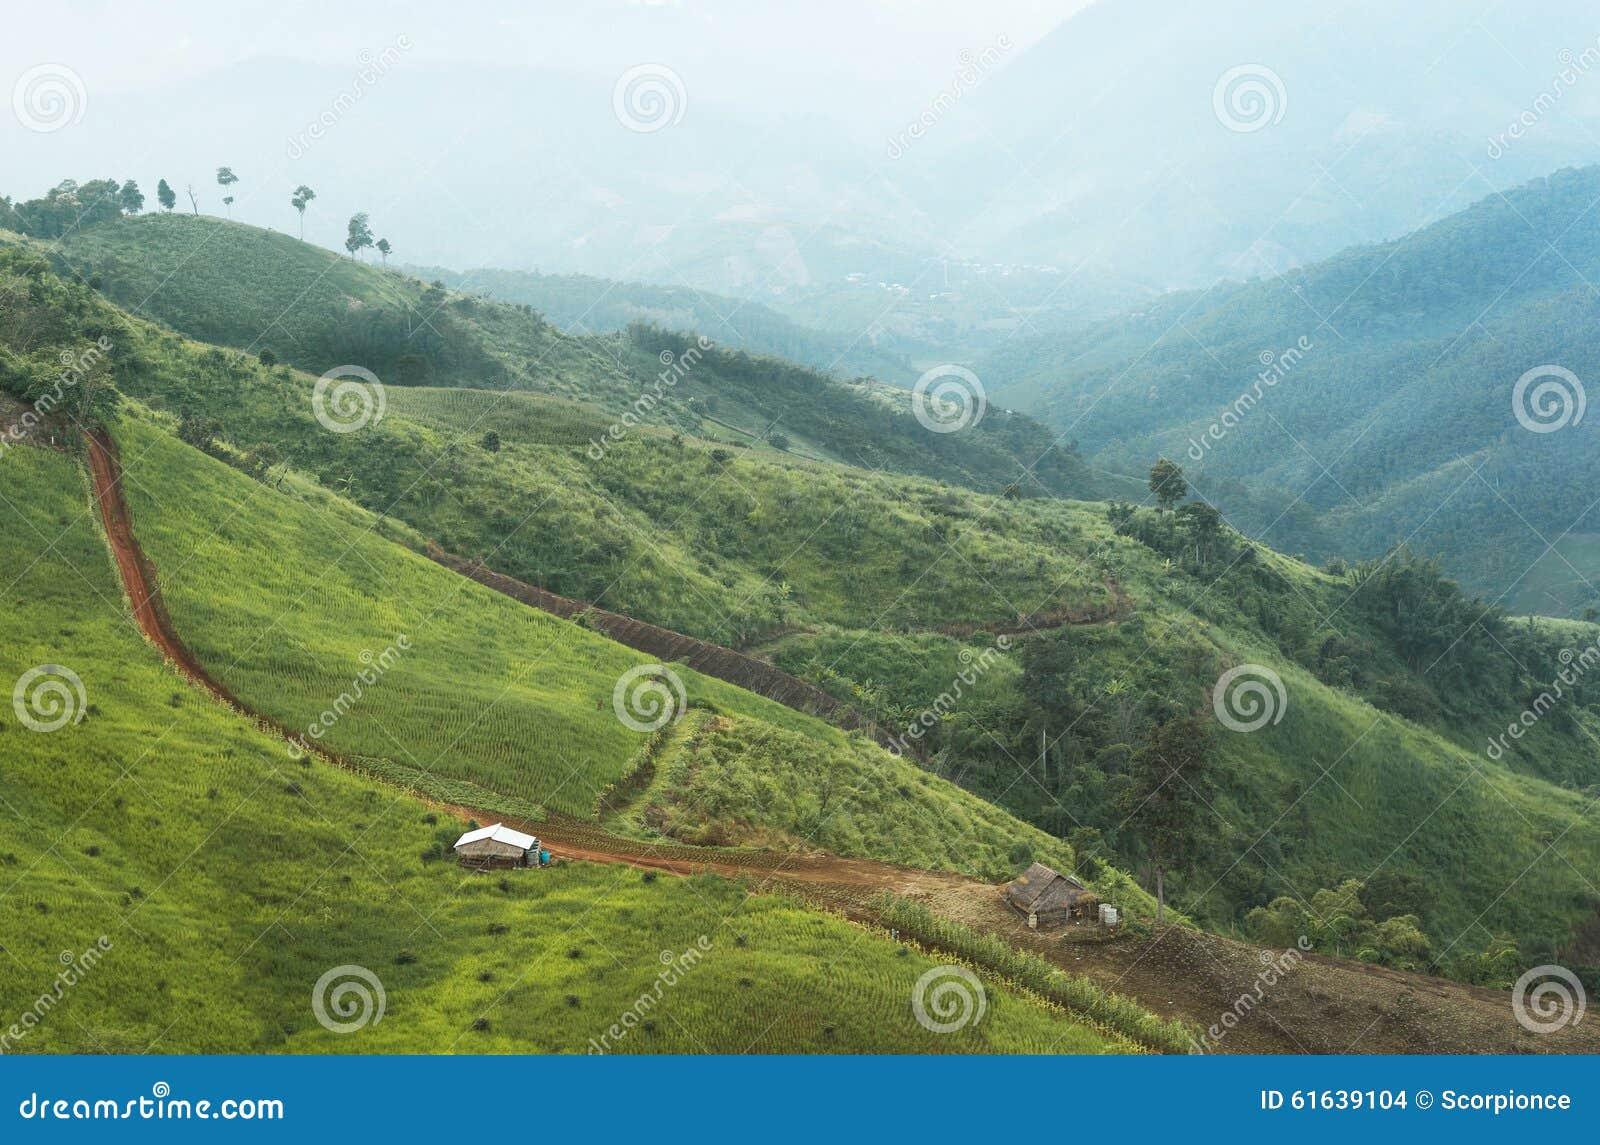 Case degli agricoltori in una valle della montagna